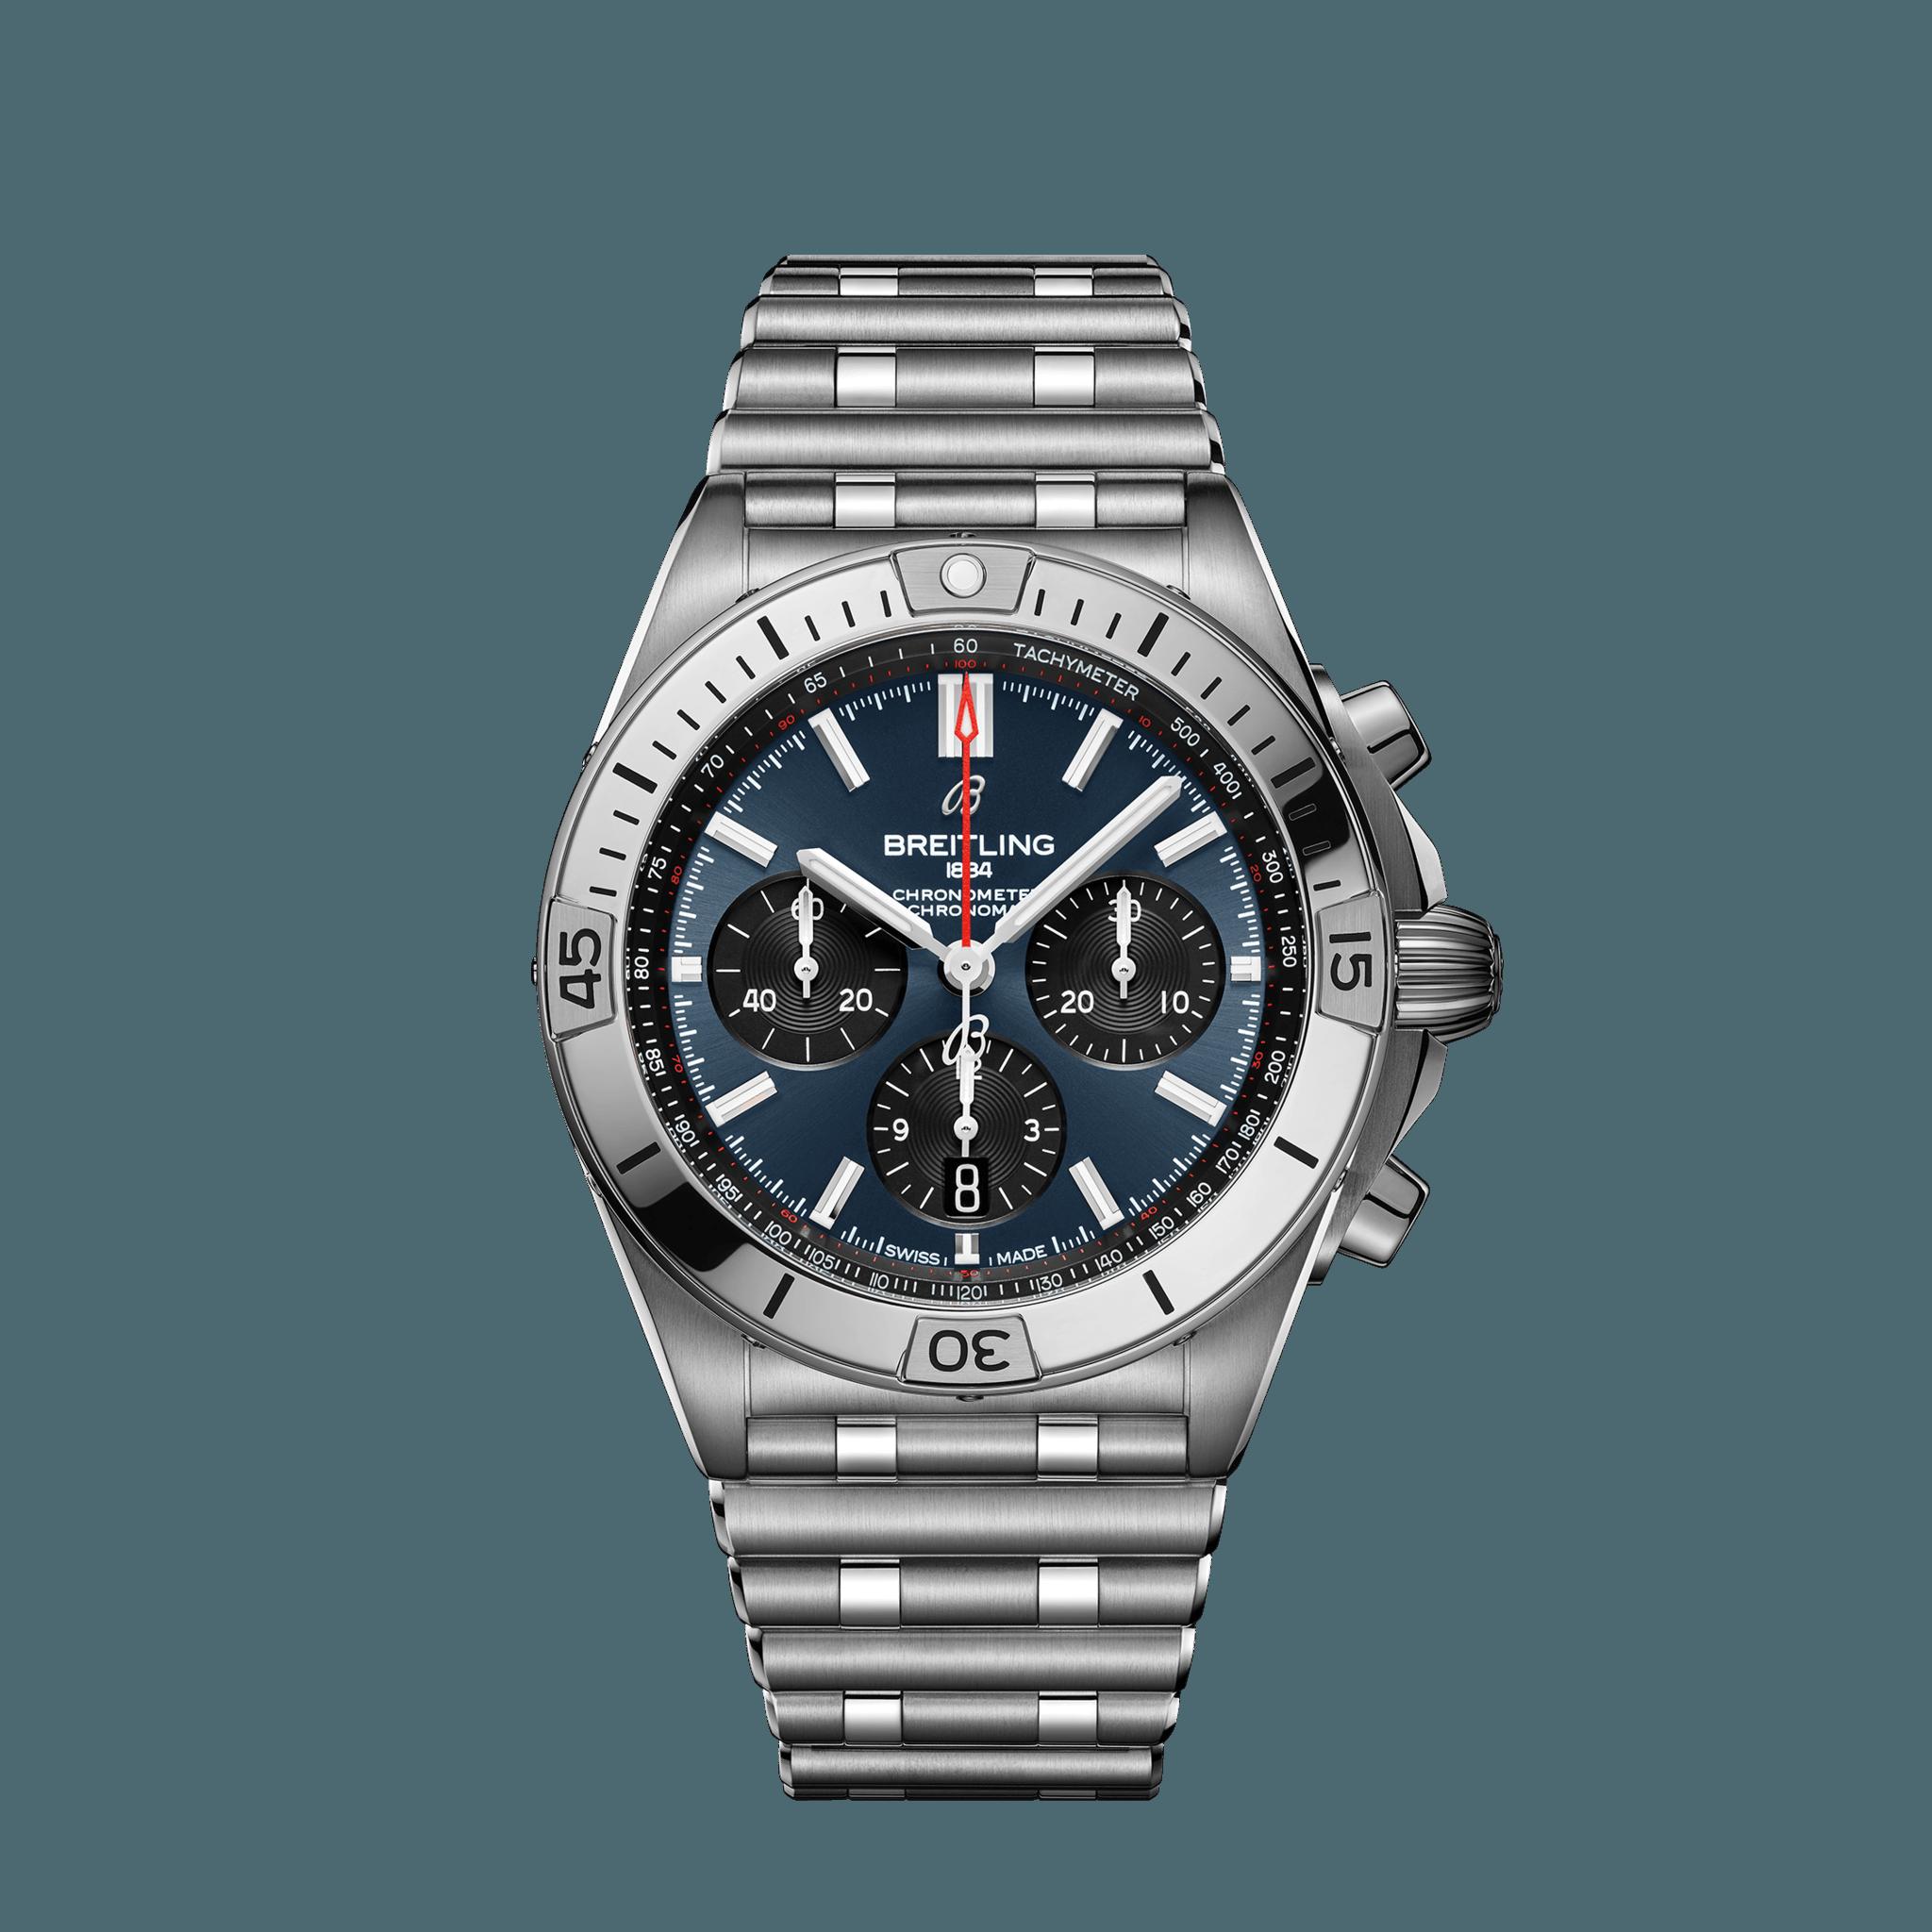 Breitling Chronomat B01 42 Edelstahl - Blau